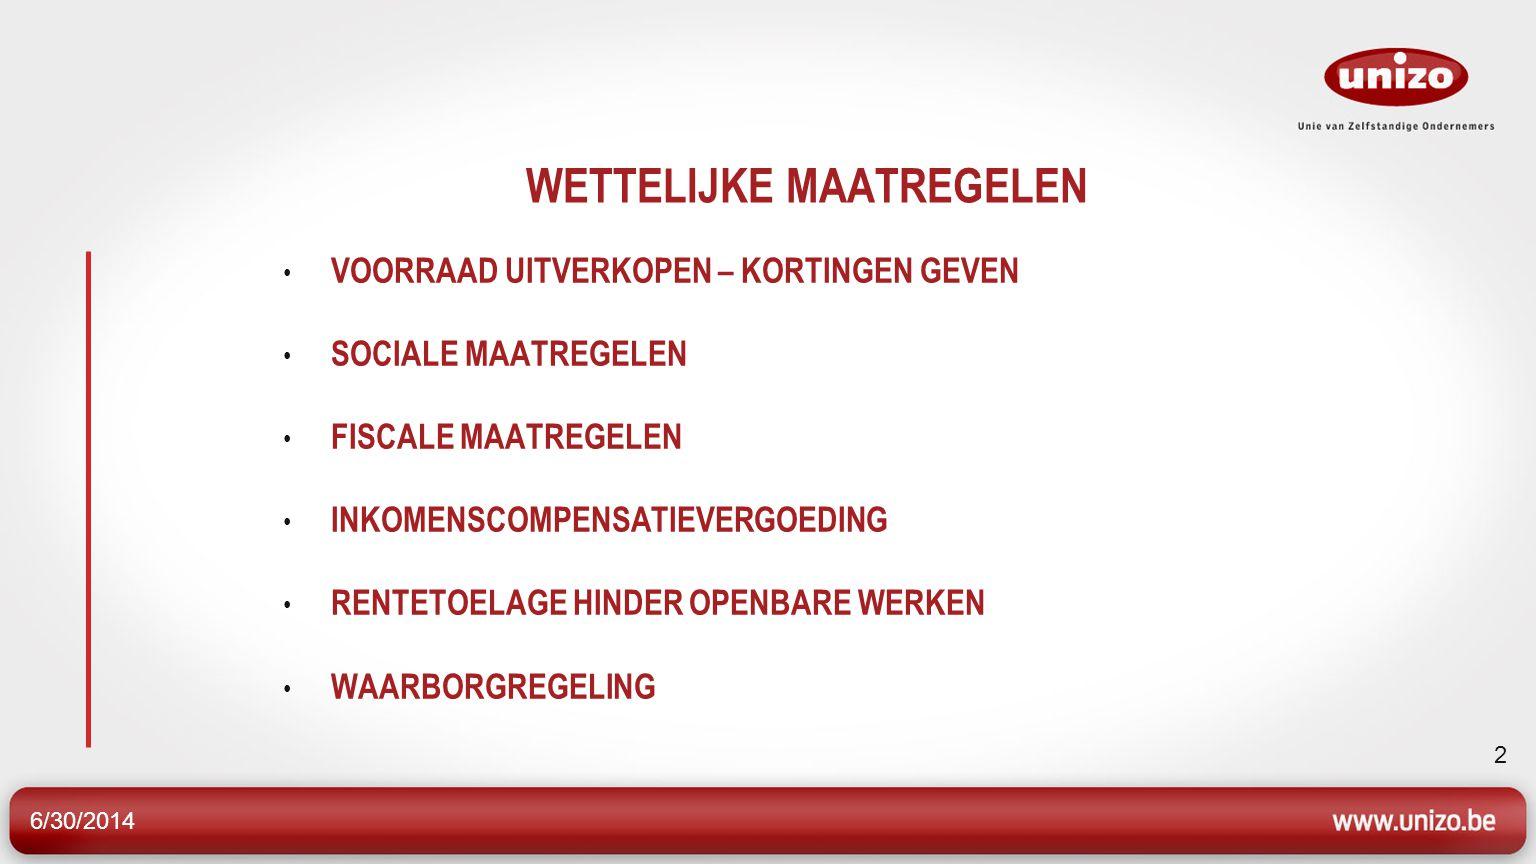 6/30/2014 2 WETTELIJKE MAATREGELEN • VOORRAAD UITVERKOPEN – KORTINGEN GEVEN • SOCIALE MAATREGELEN • FISCALE MAATREGELEN • INKOMENSCOMPENSATIEVERGOEDING • RENTETOELAGE HINDER OPENBARE WERKEN • WAARBORGREGELING